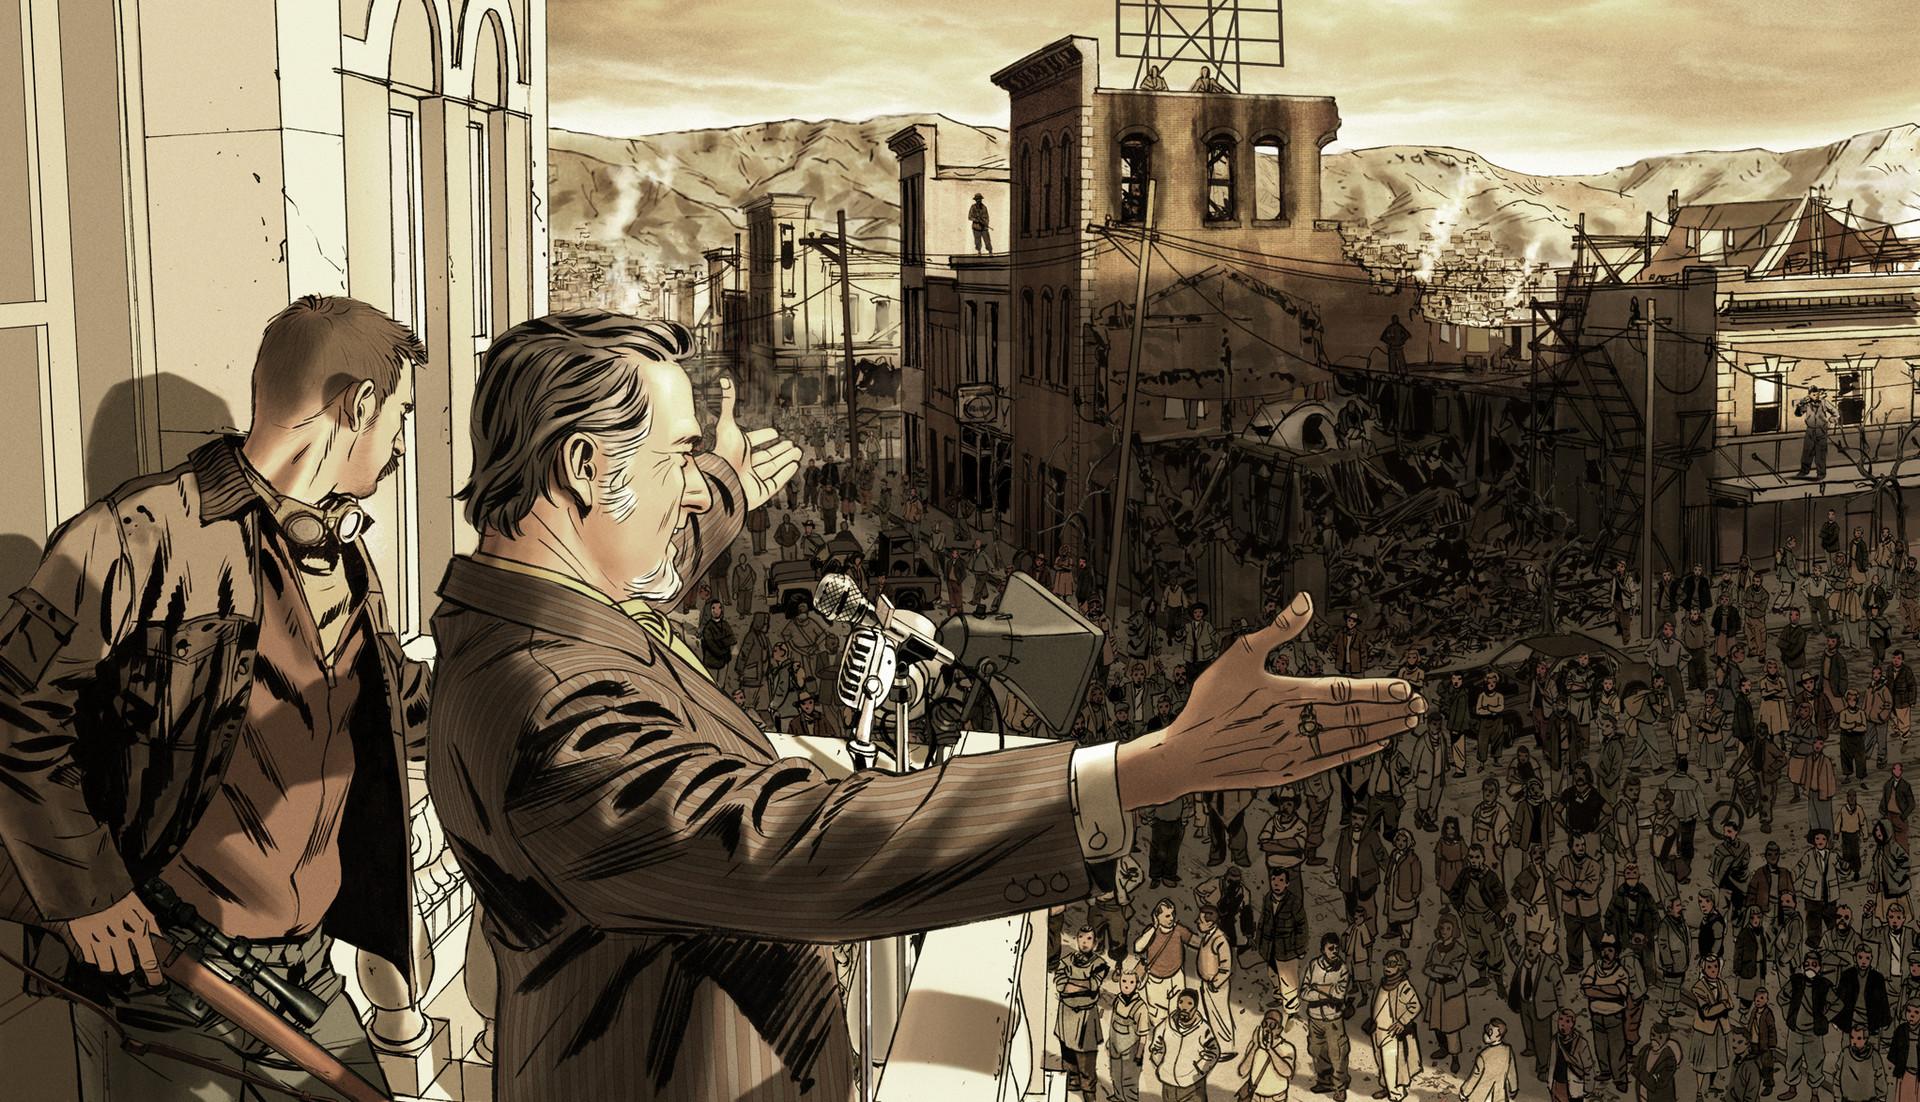 Rodolfo damaggio balcony